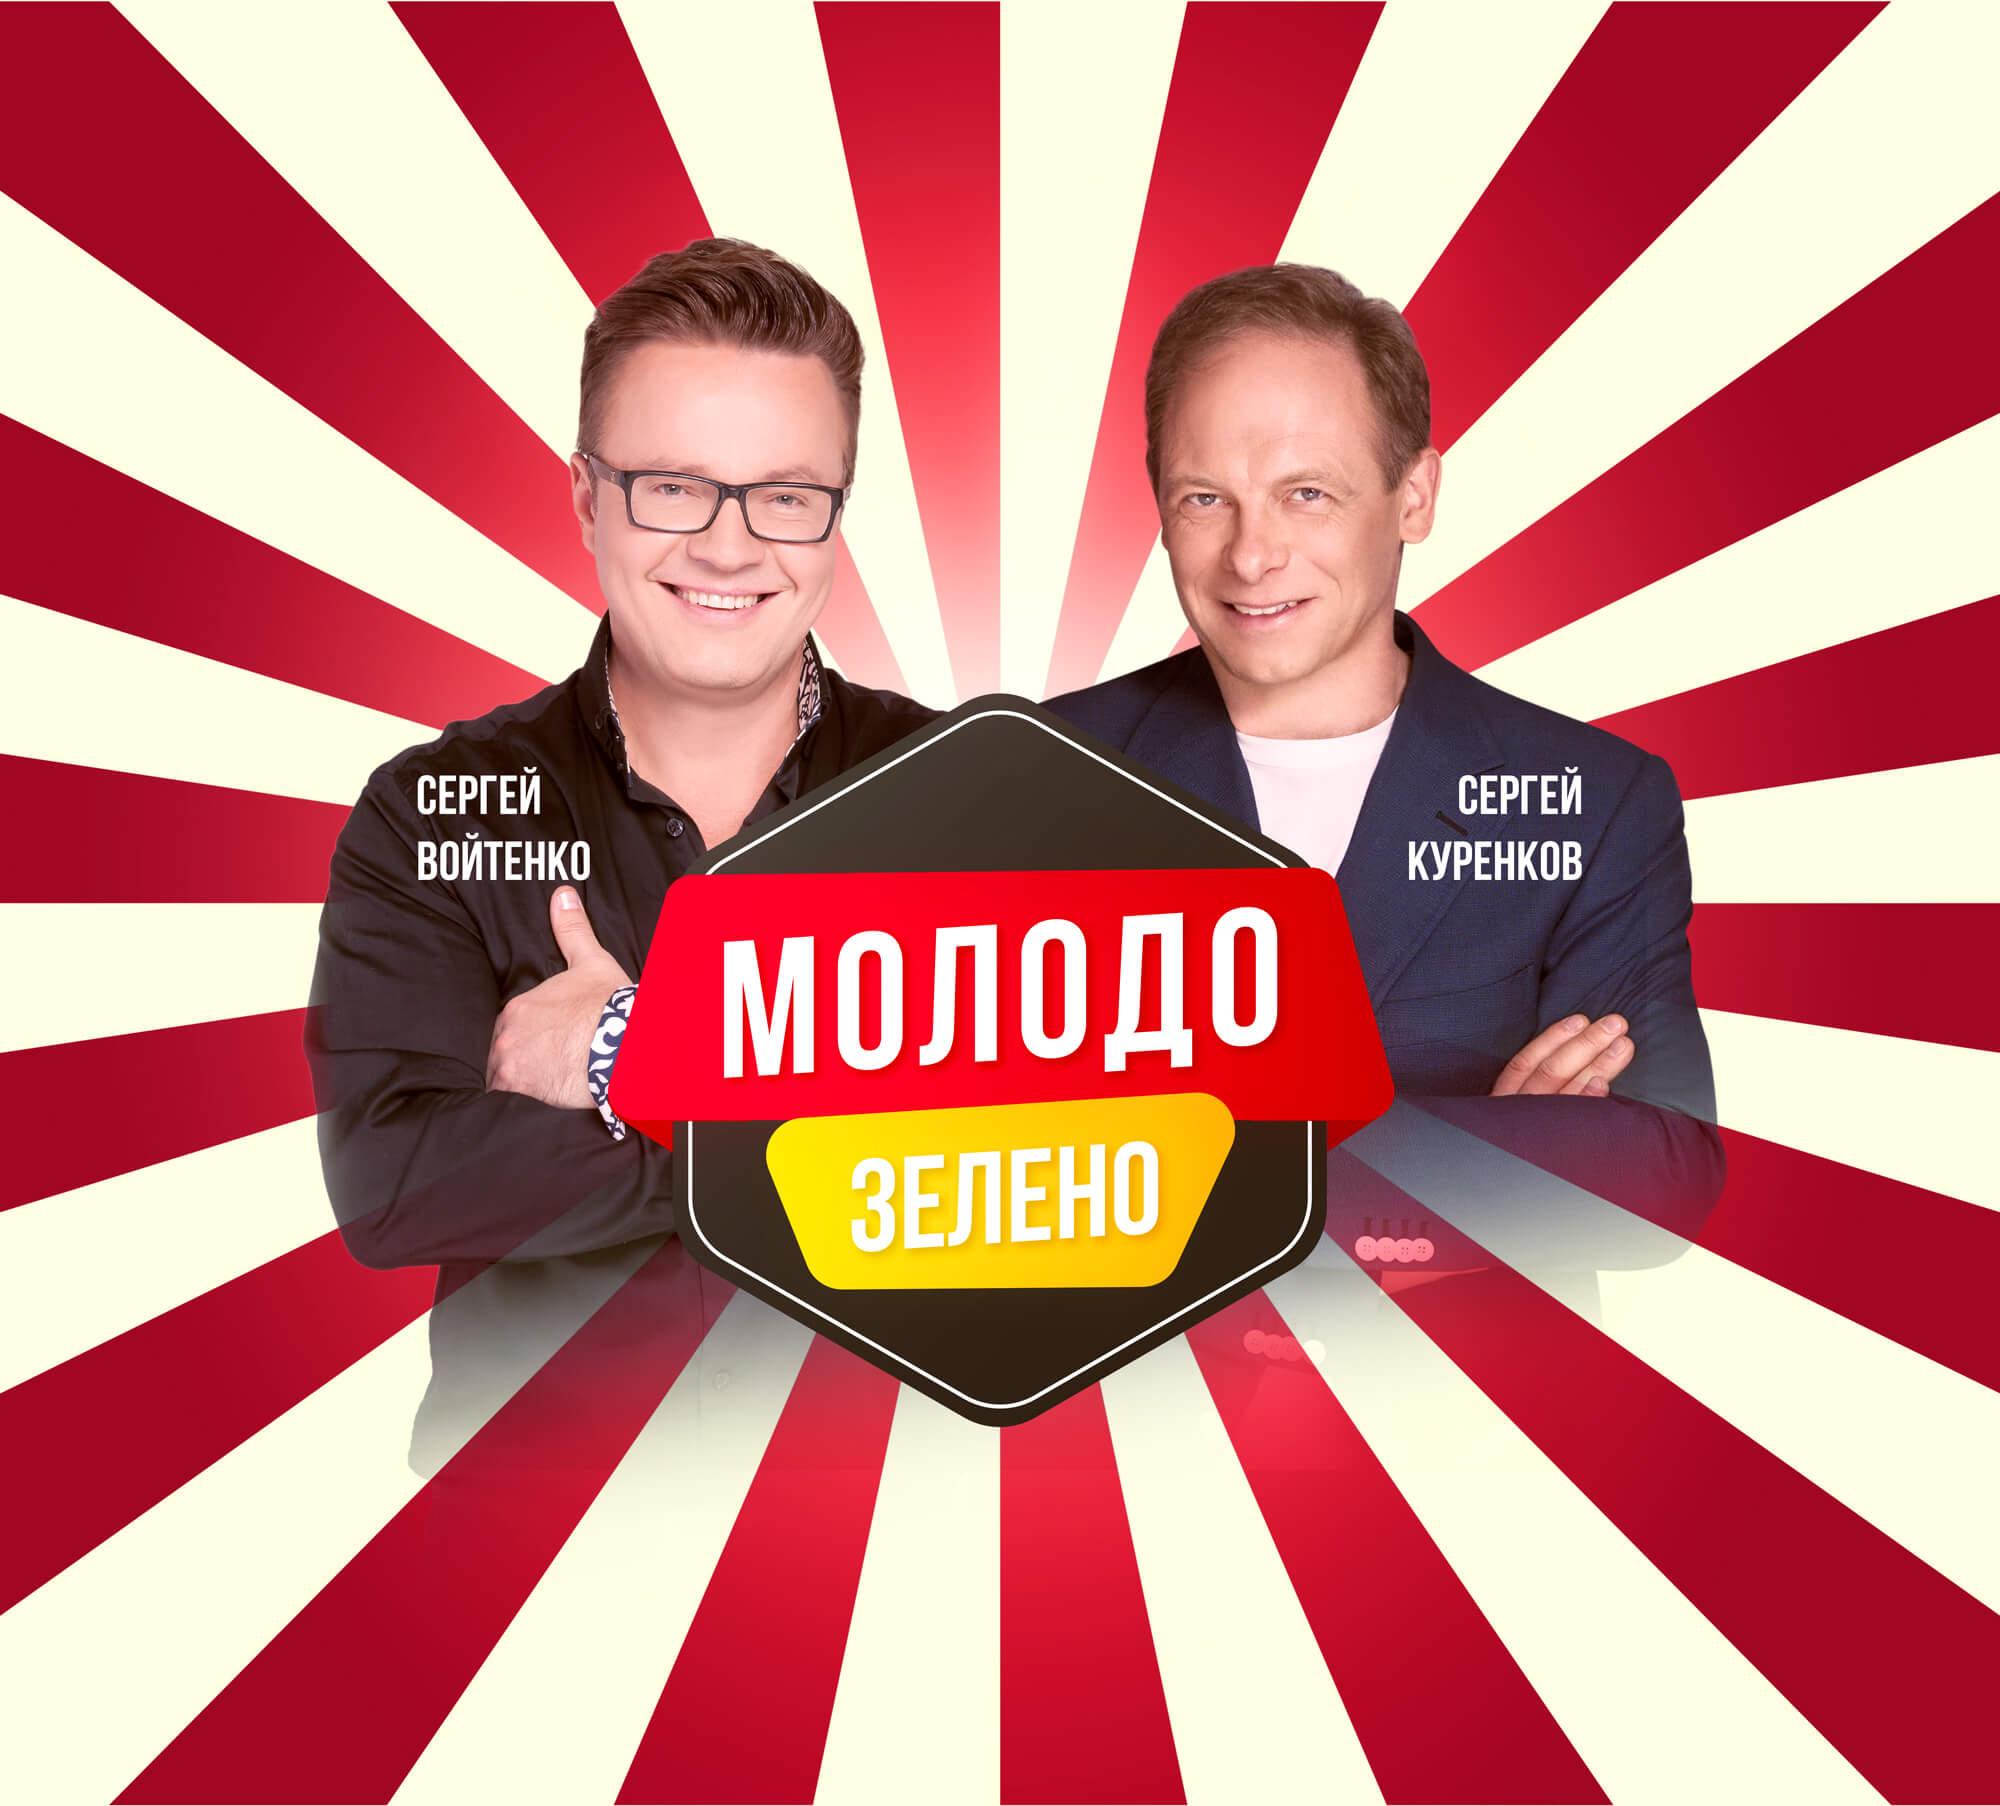 Сергей Войтенко и Сергей Куренков - Молодо Зелено